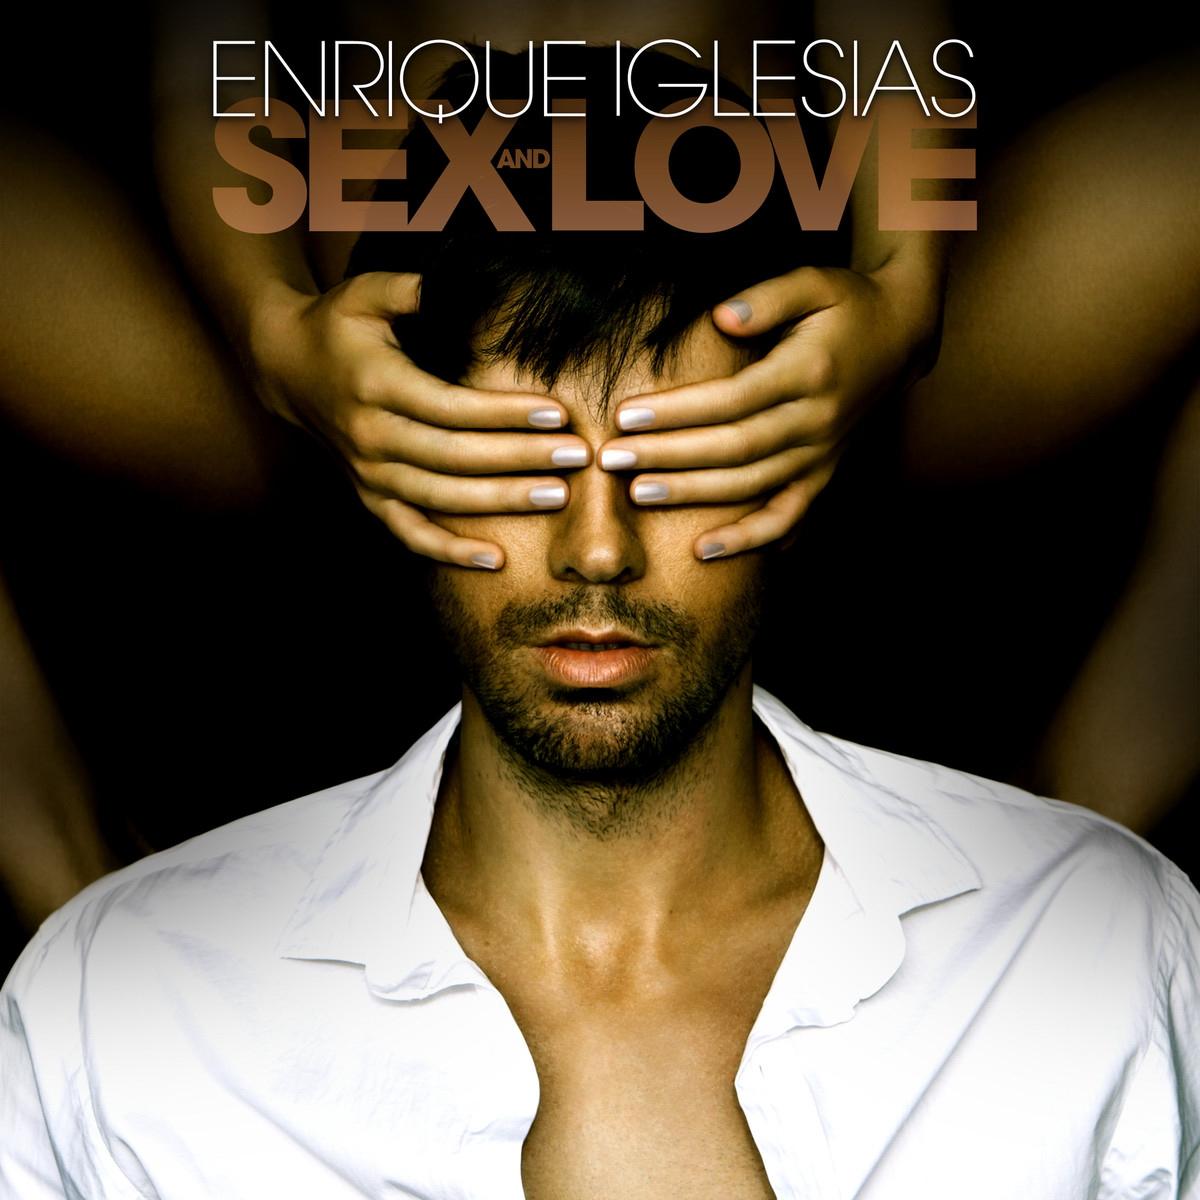 Sia - [10's] Enrique Iglesias - Only a Woman (2014) Enrique%20Iglesias%20-%20Sex%20and%20Love